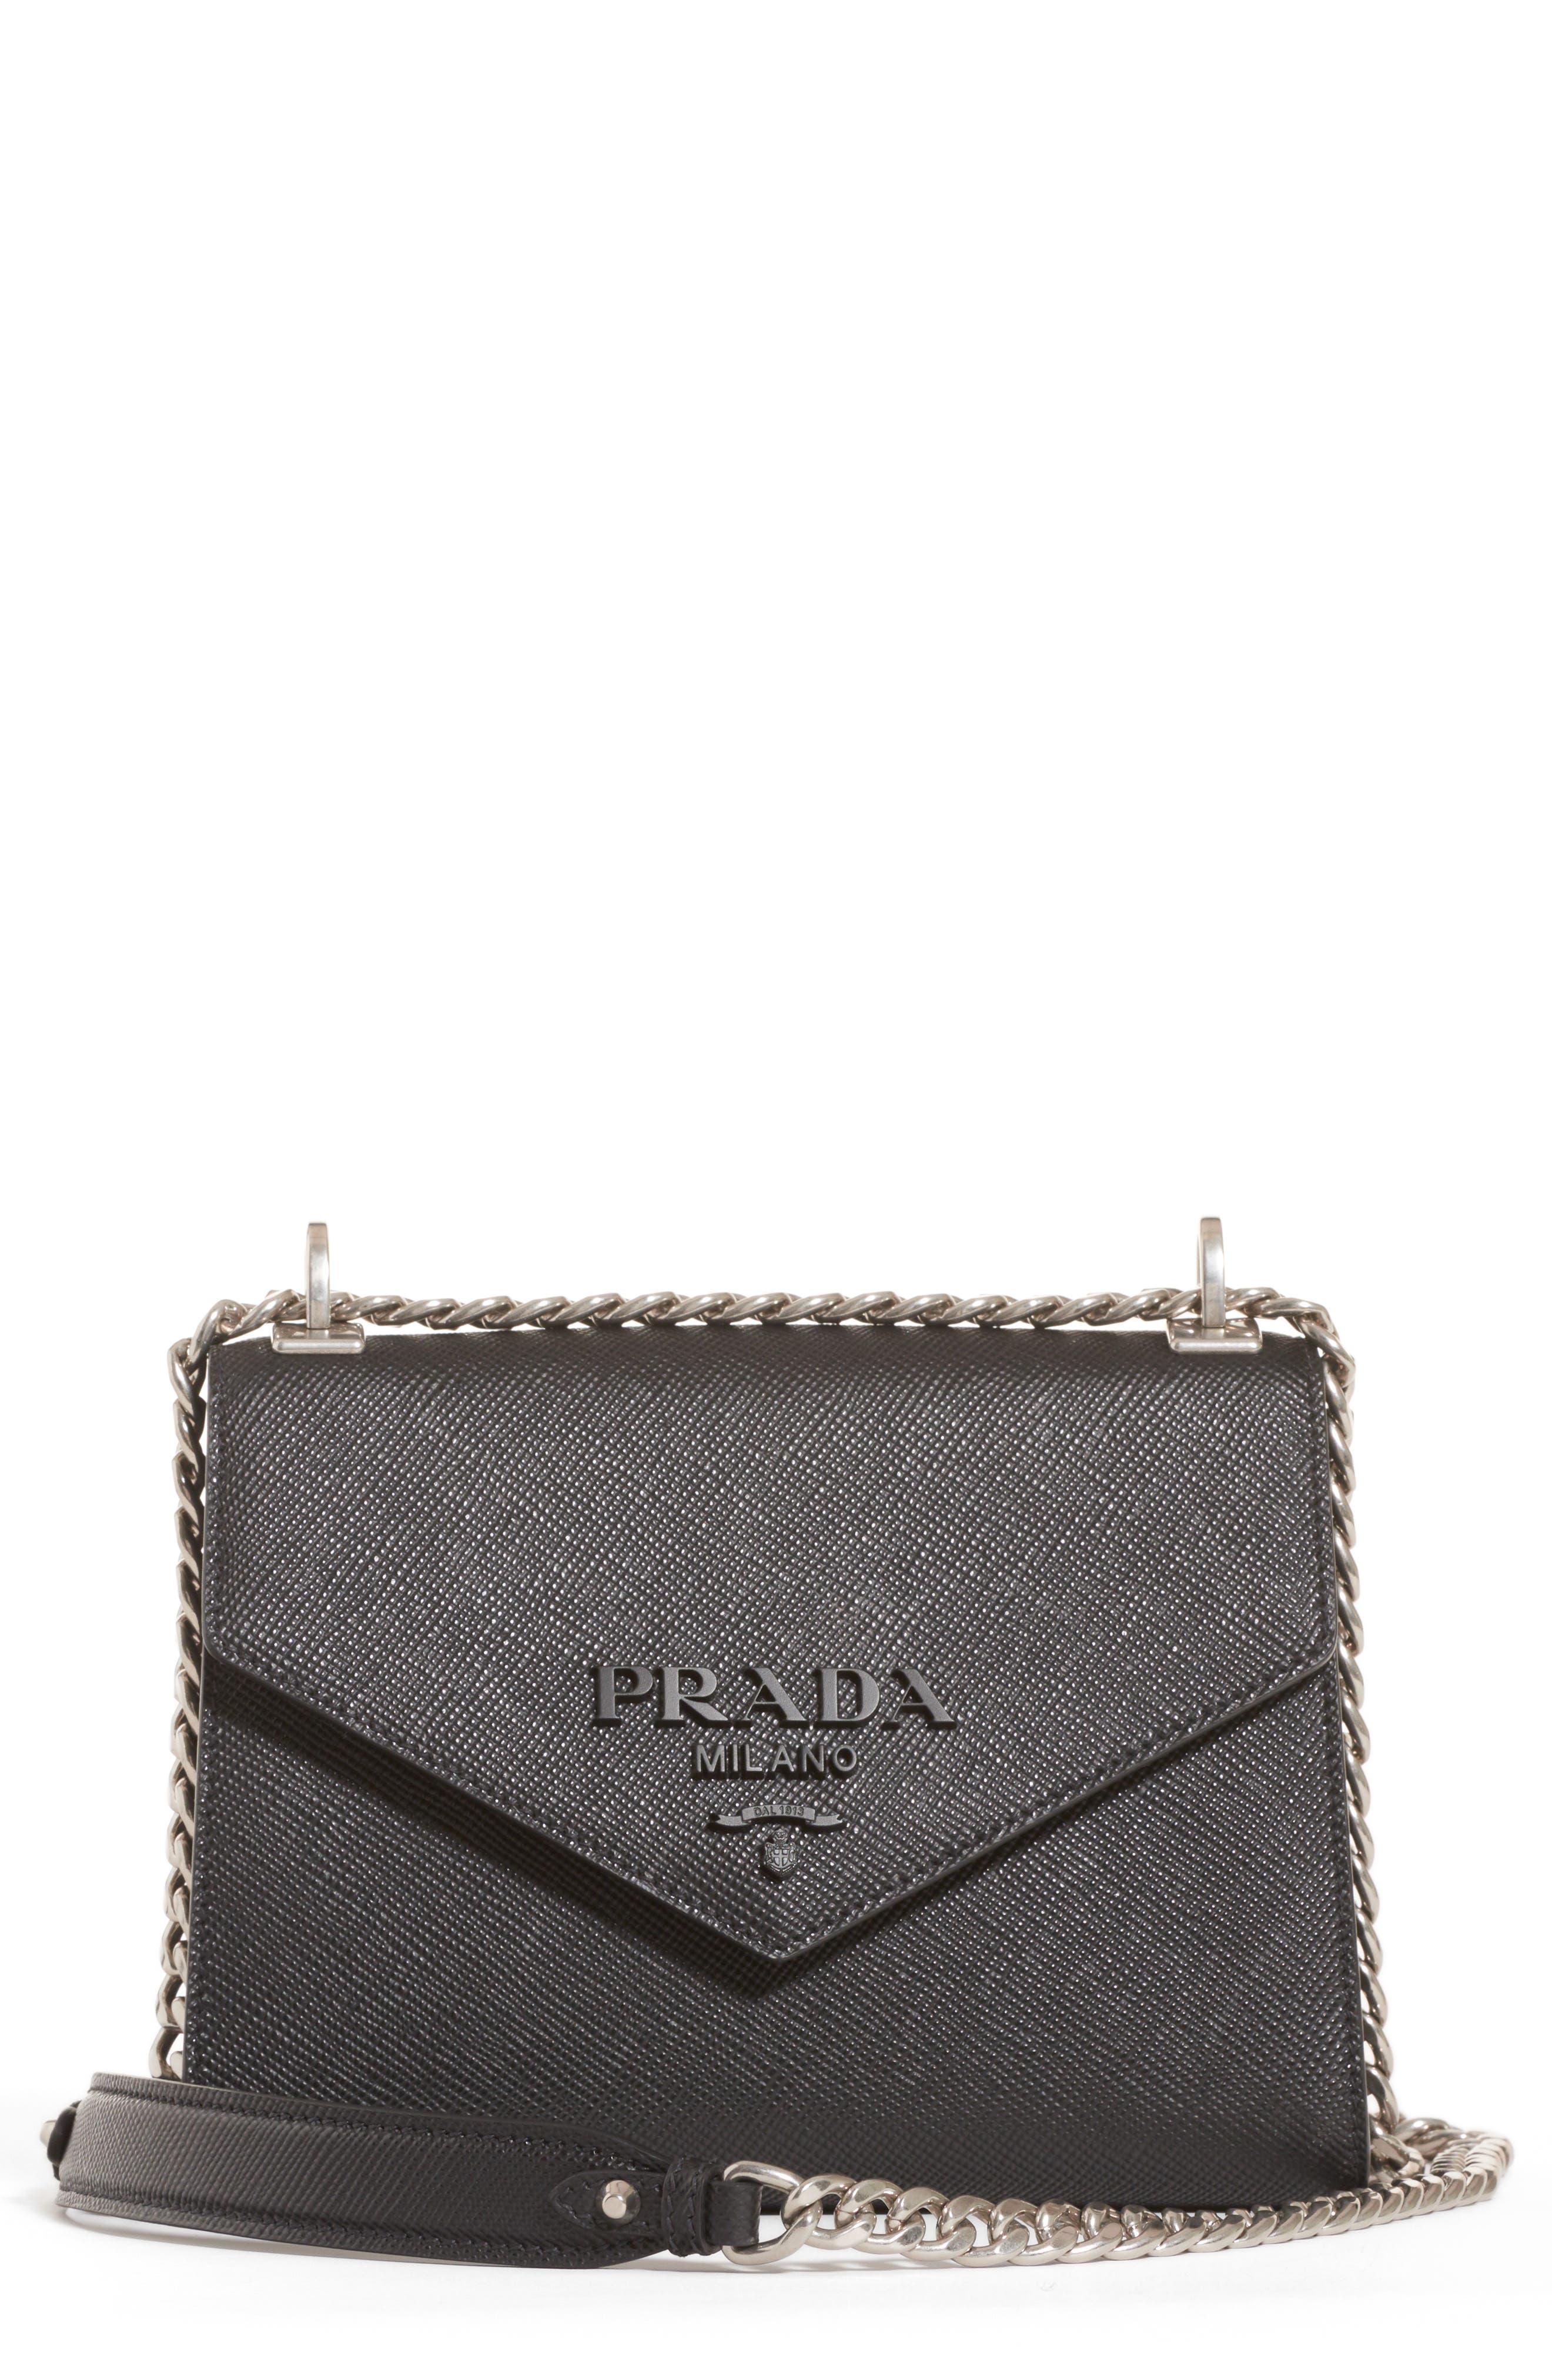 271bd813f78e ... cheapest prada monochrome saffiano leather shoulder bag nordstrom 9ac67  a169e